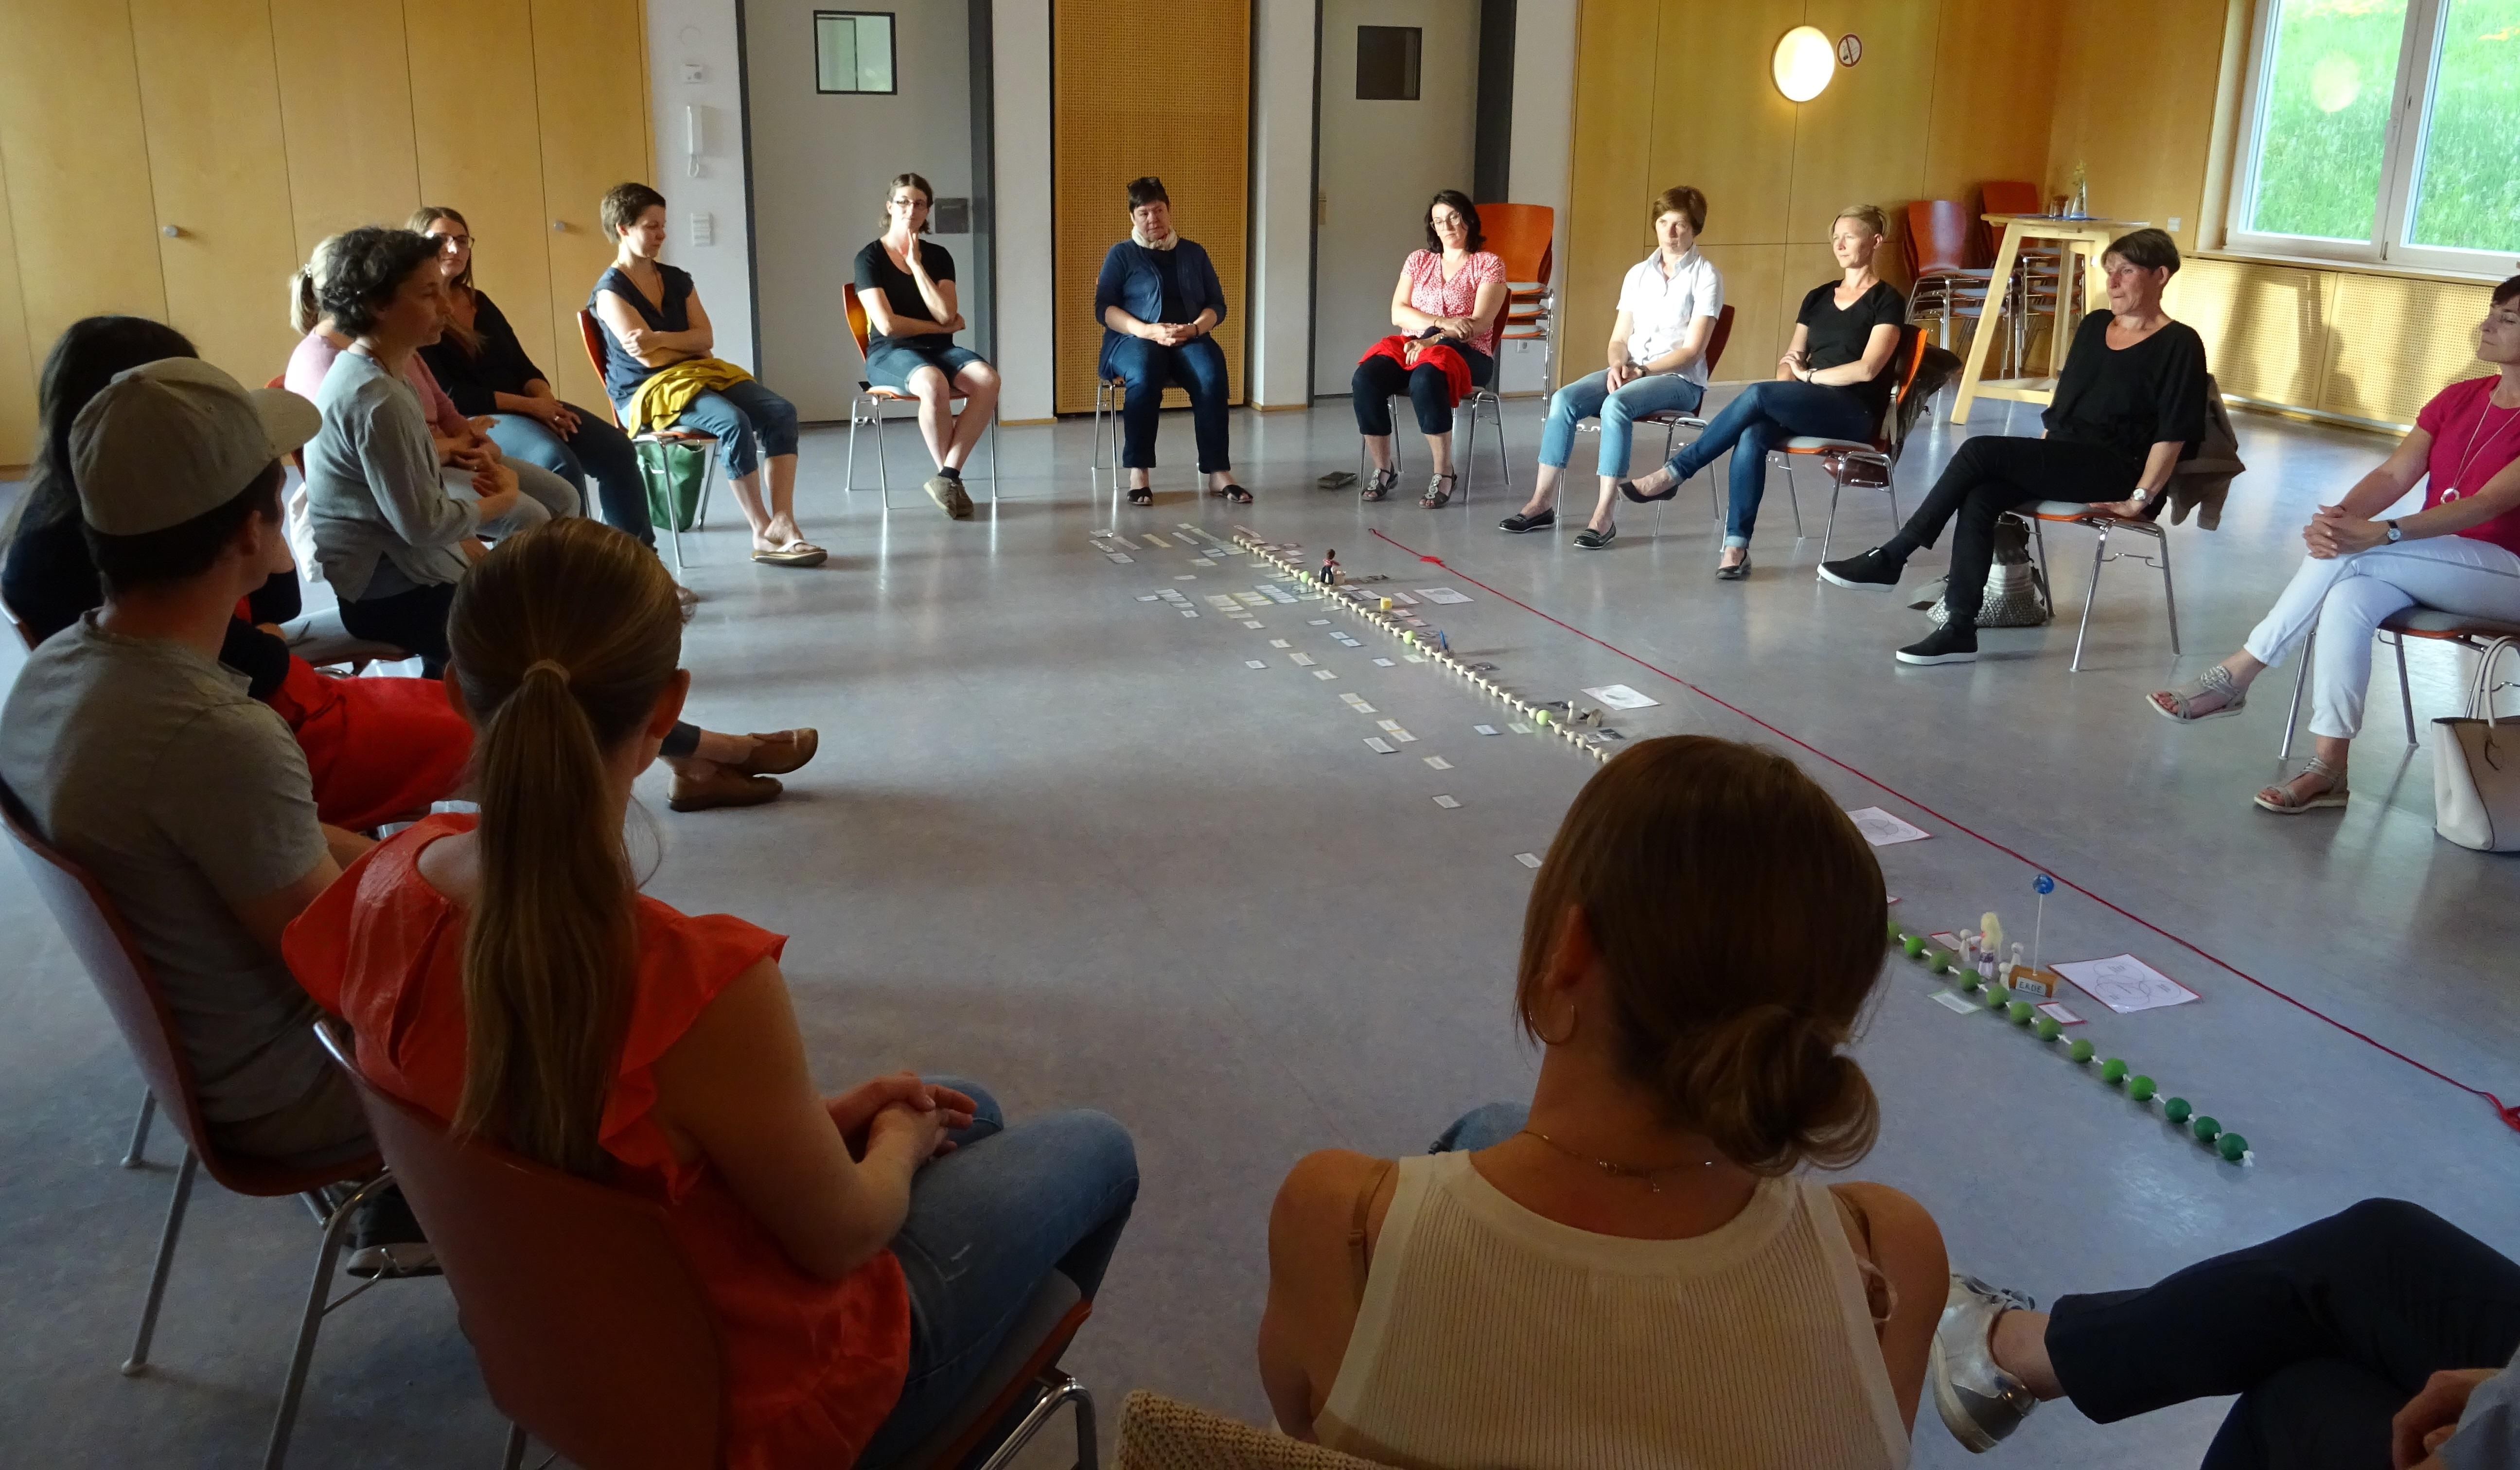 Eichenberg: Gelungener Vortragsabend